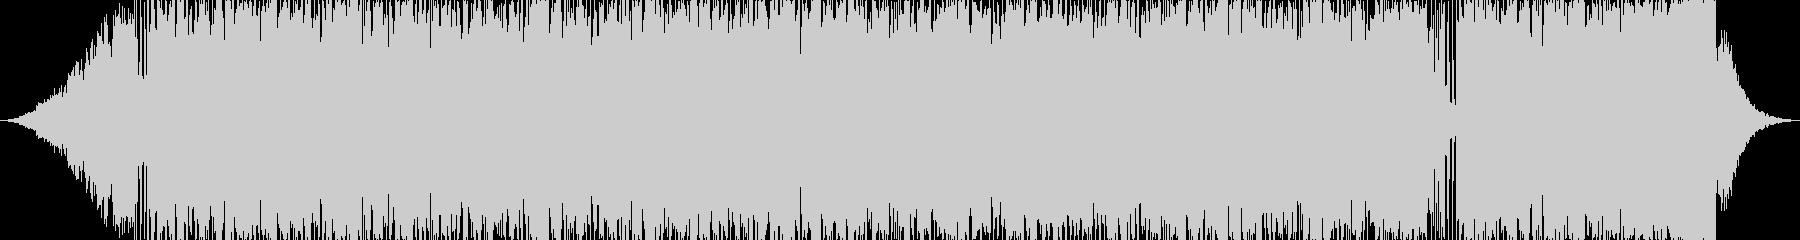 エレクトロニック 説明的 静か エ...の未再生の波形